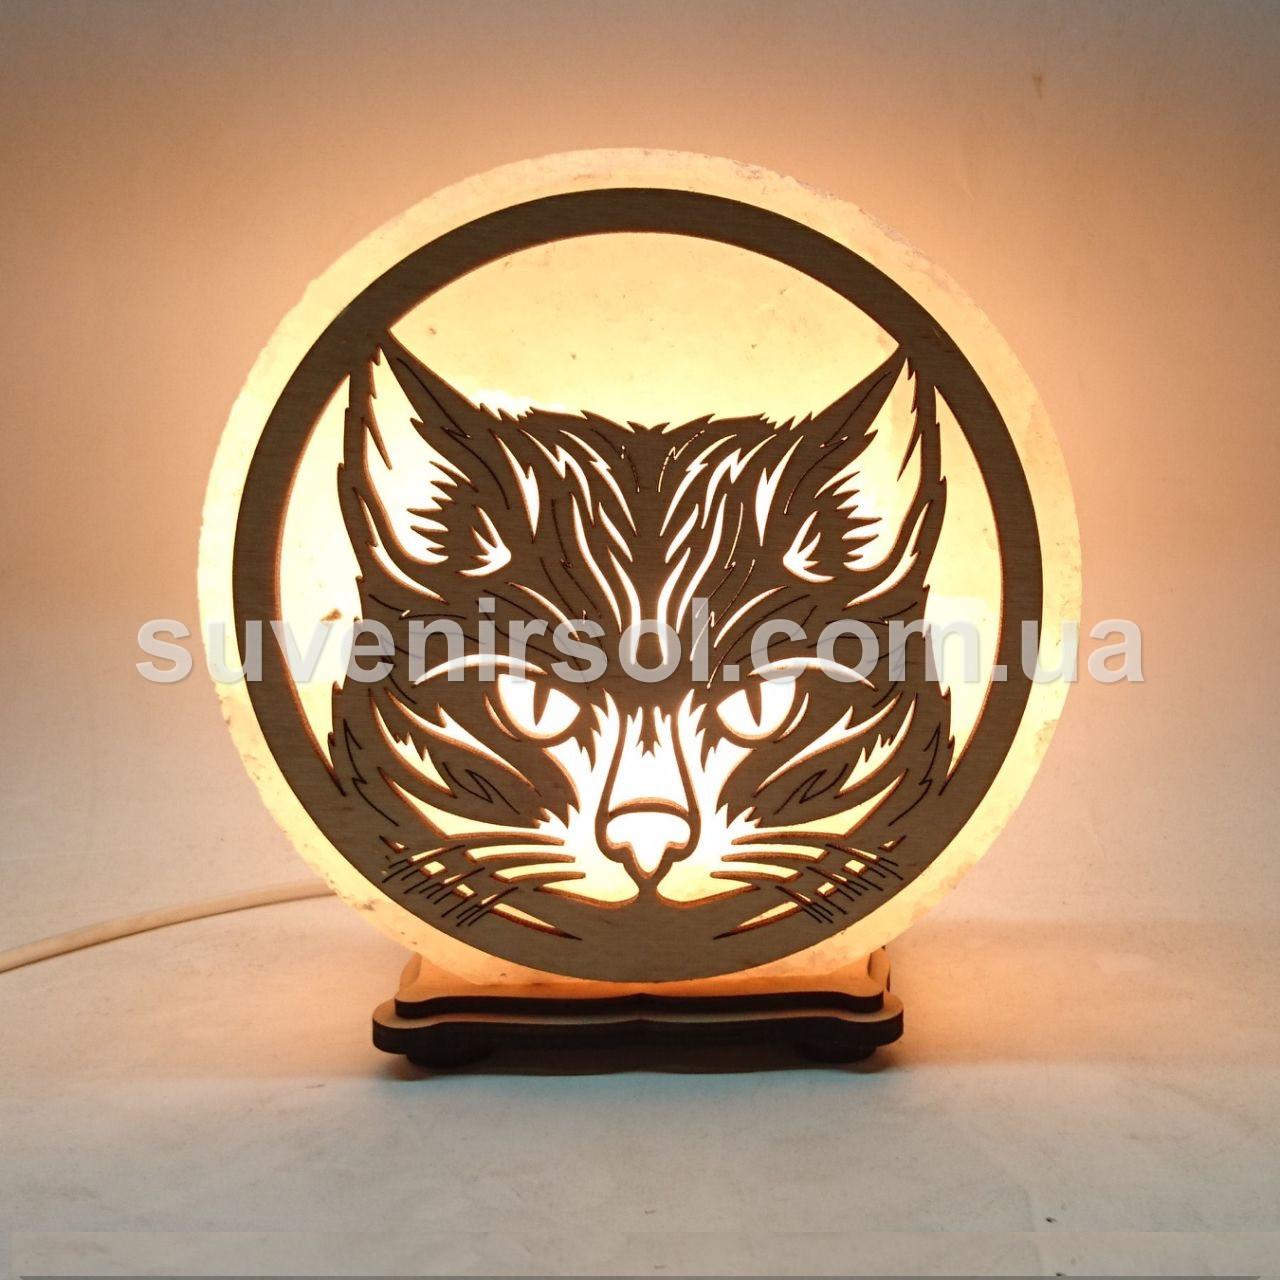 Соляной светильник круглый Кот